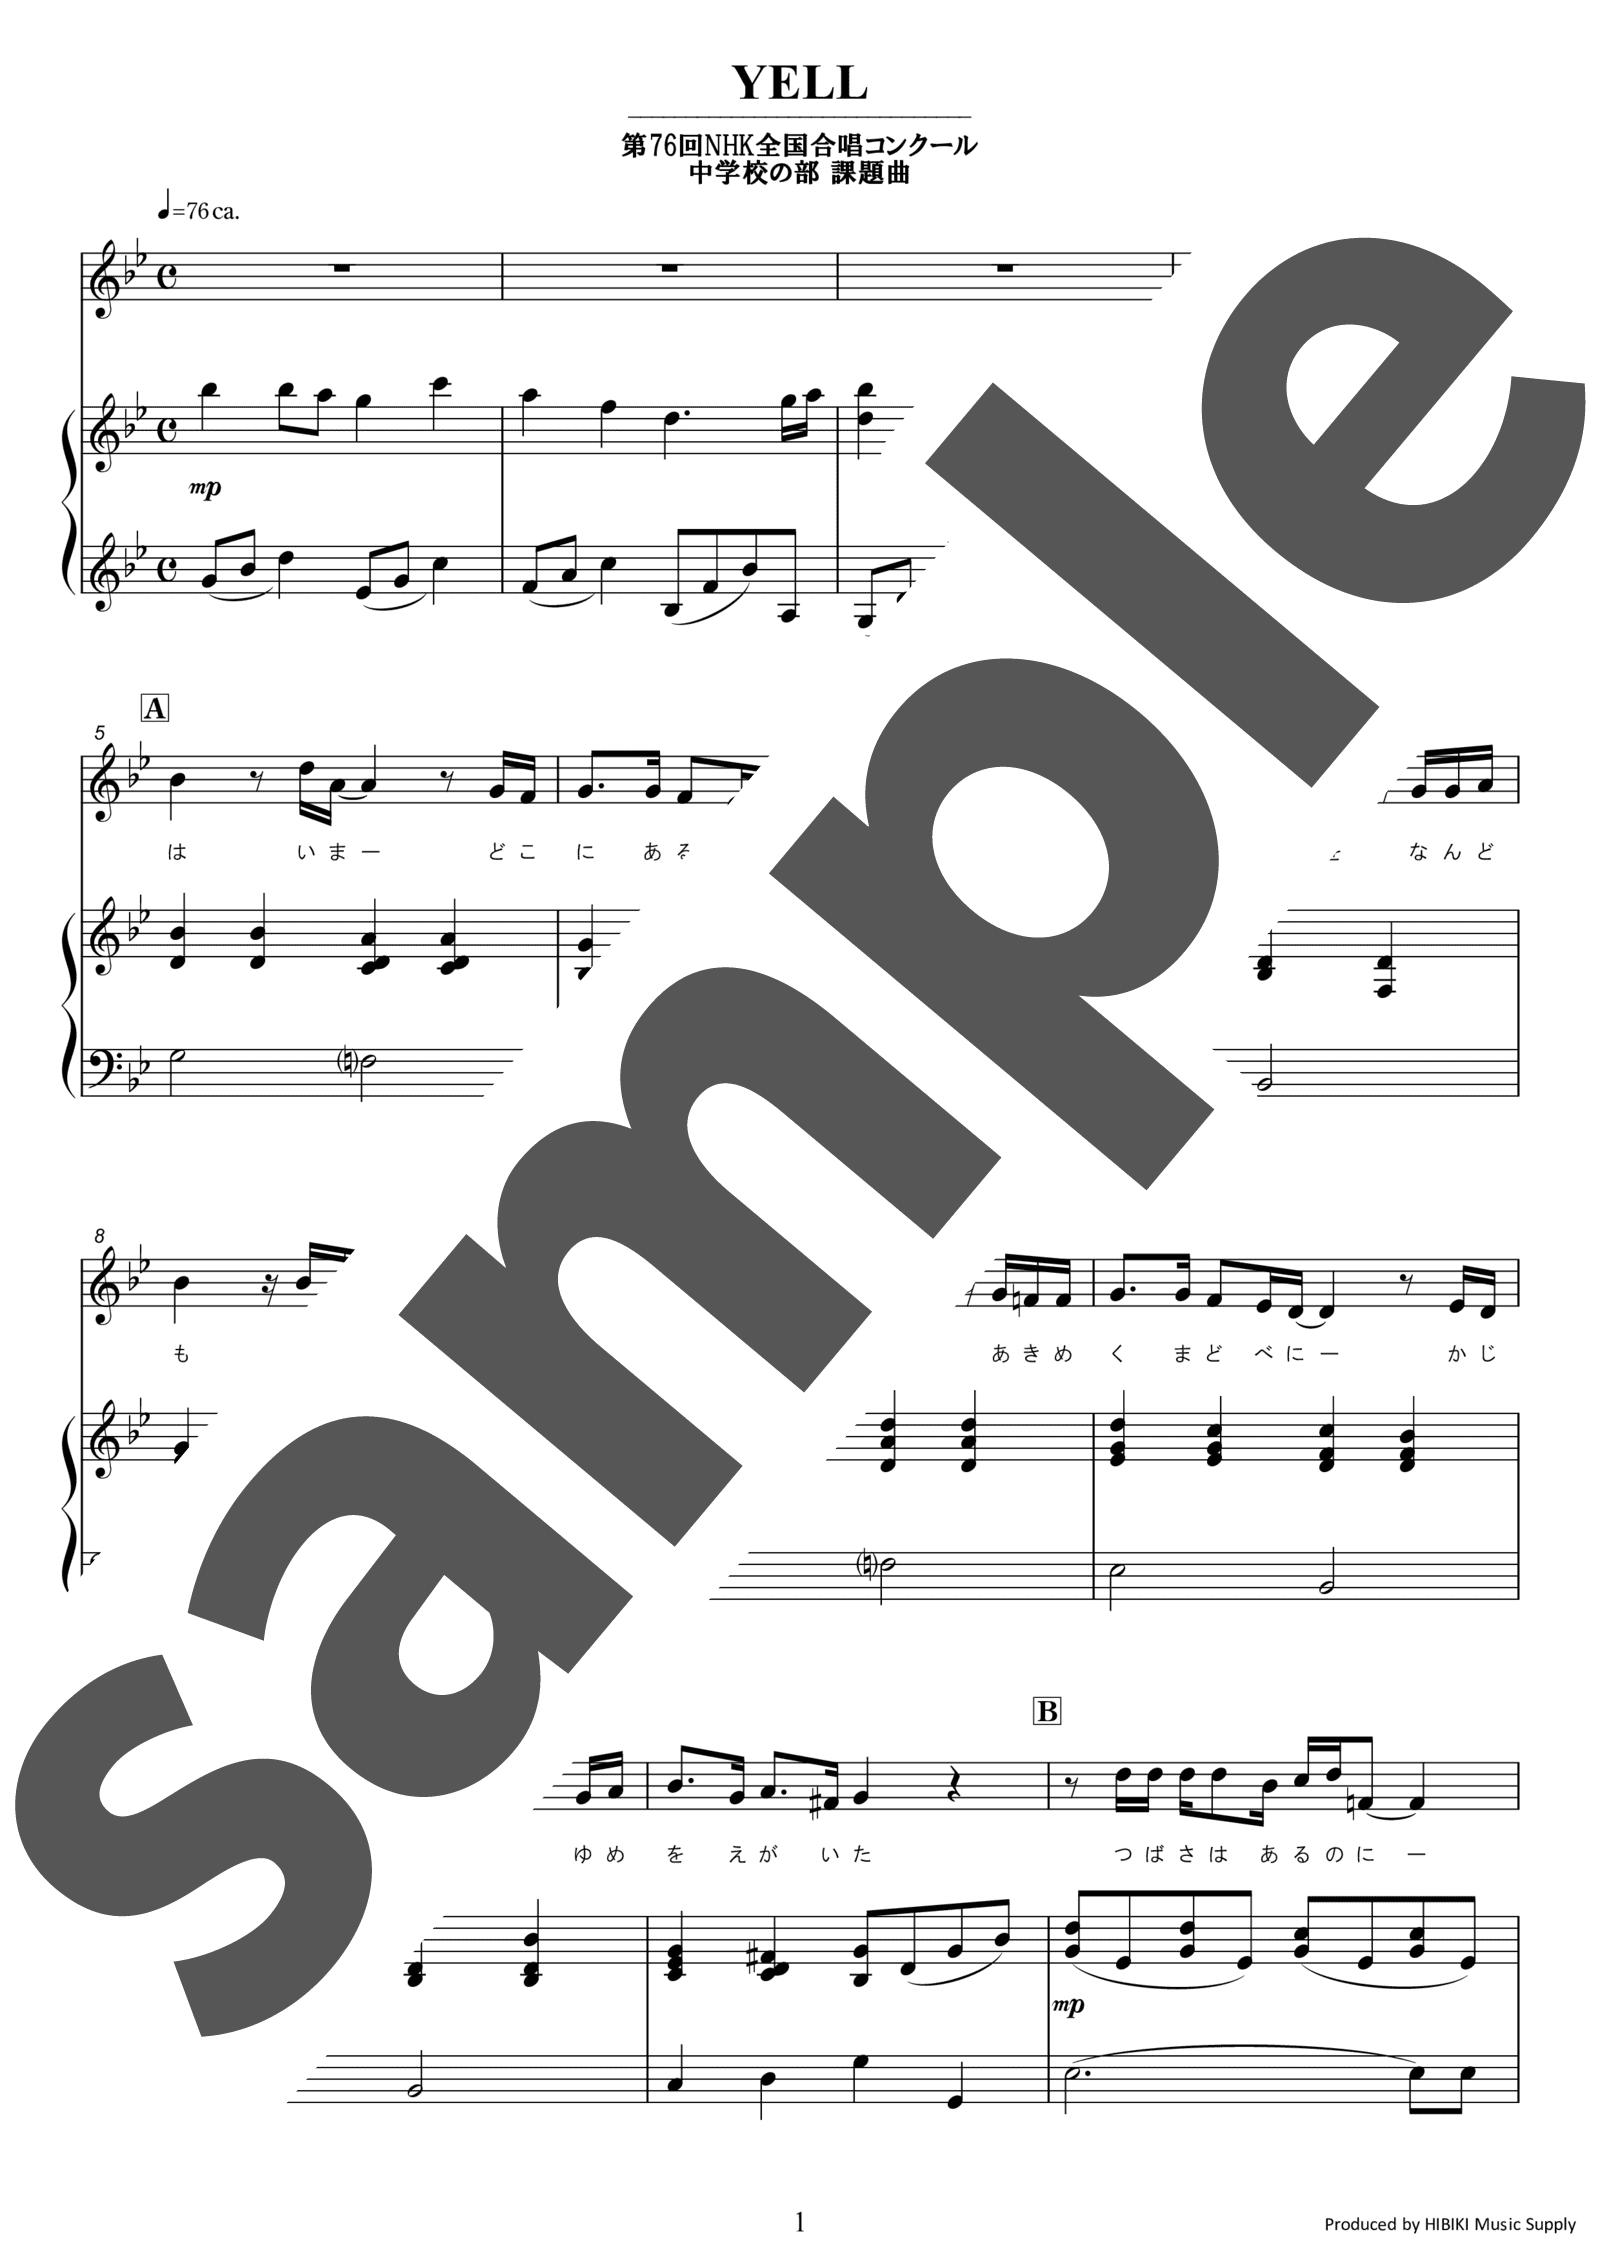 「YELL」のサンプル楽譜